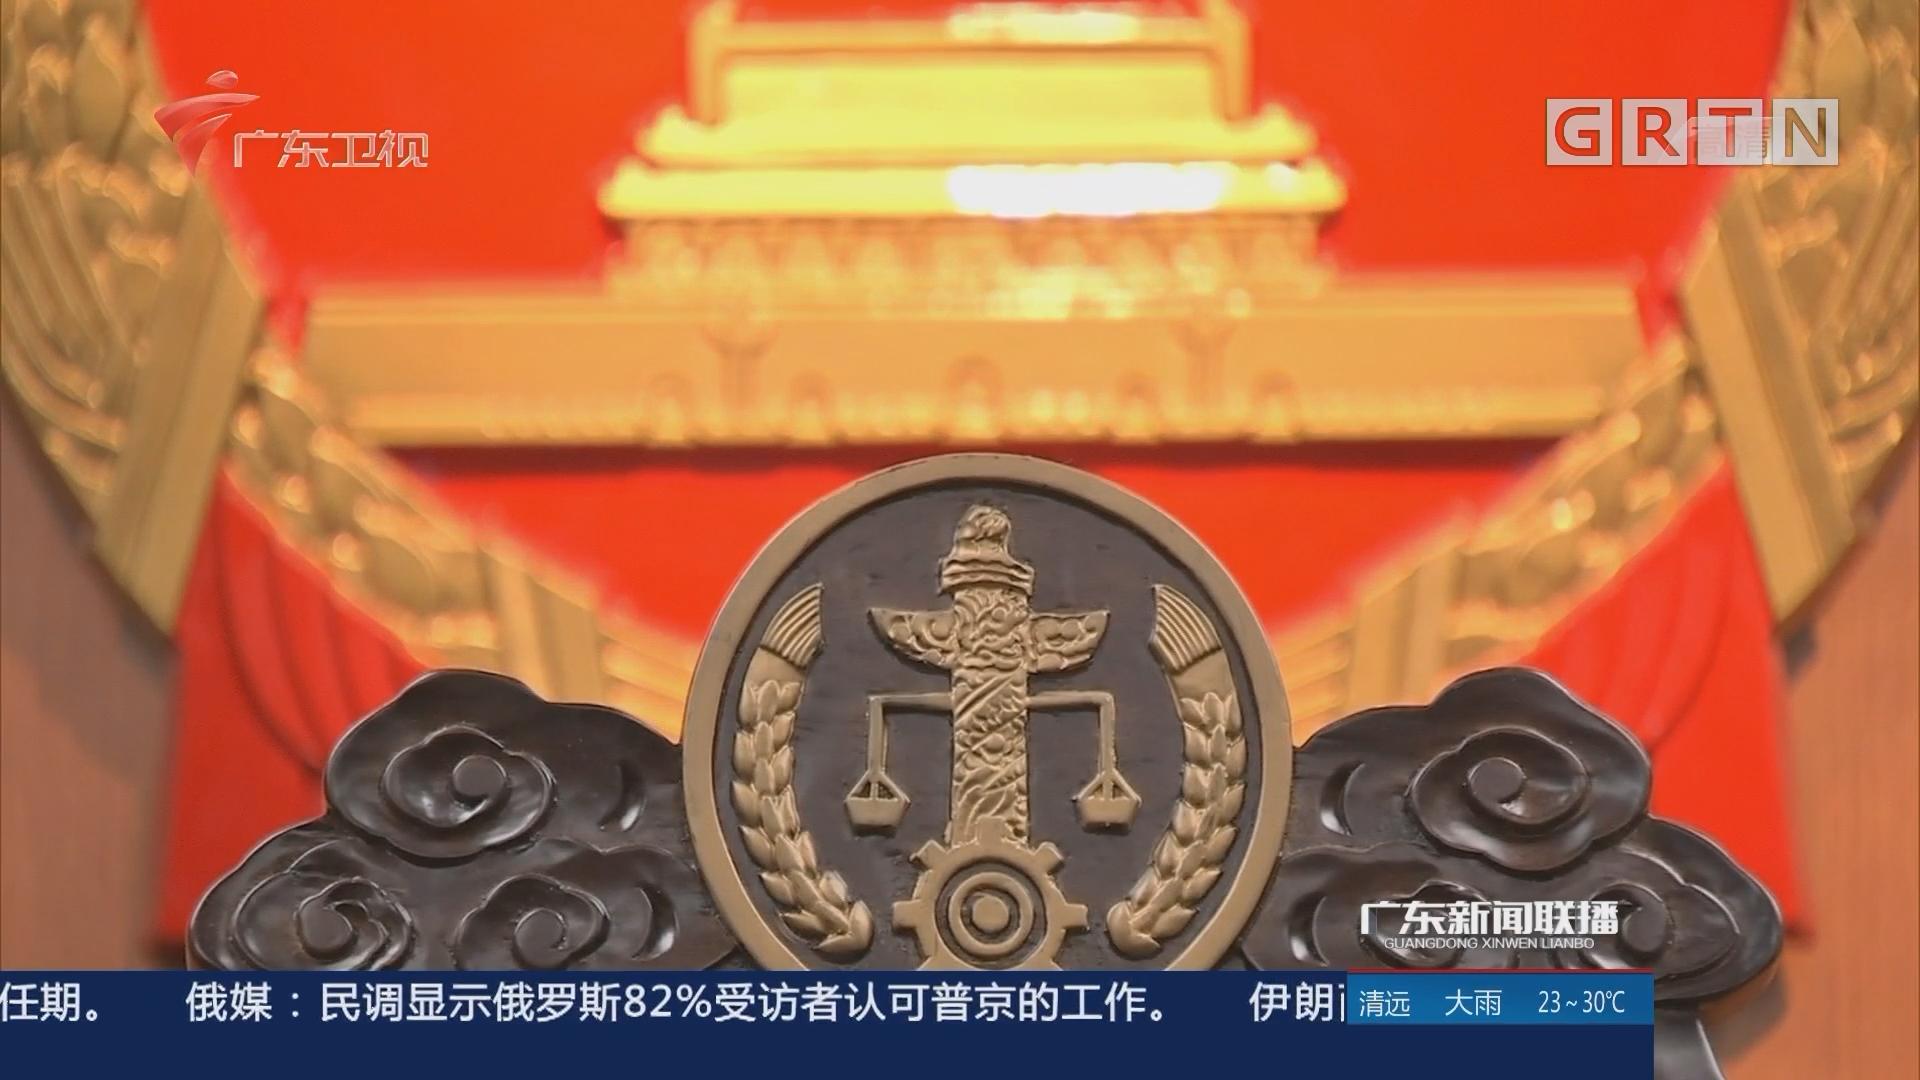 广东赔偿性公益诉讼第一案宣判 消委会首提惩罚性赔偿获支持